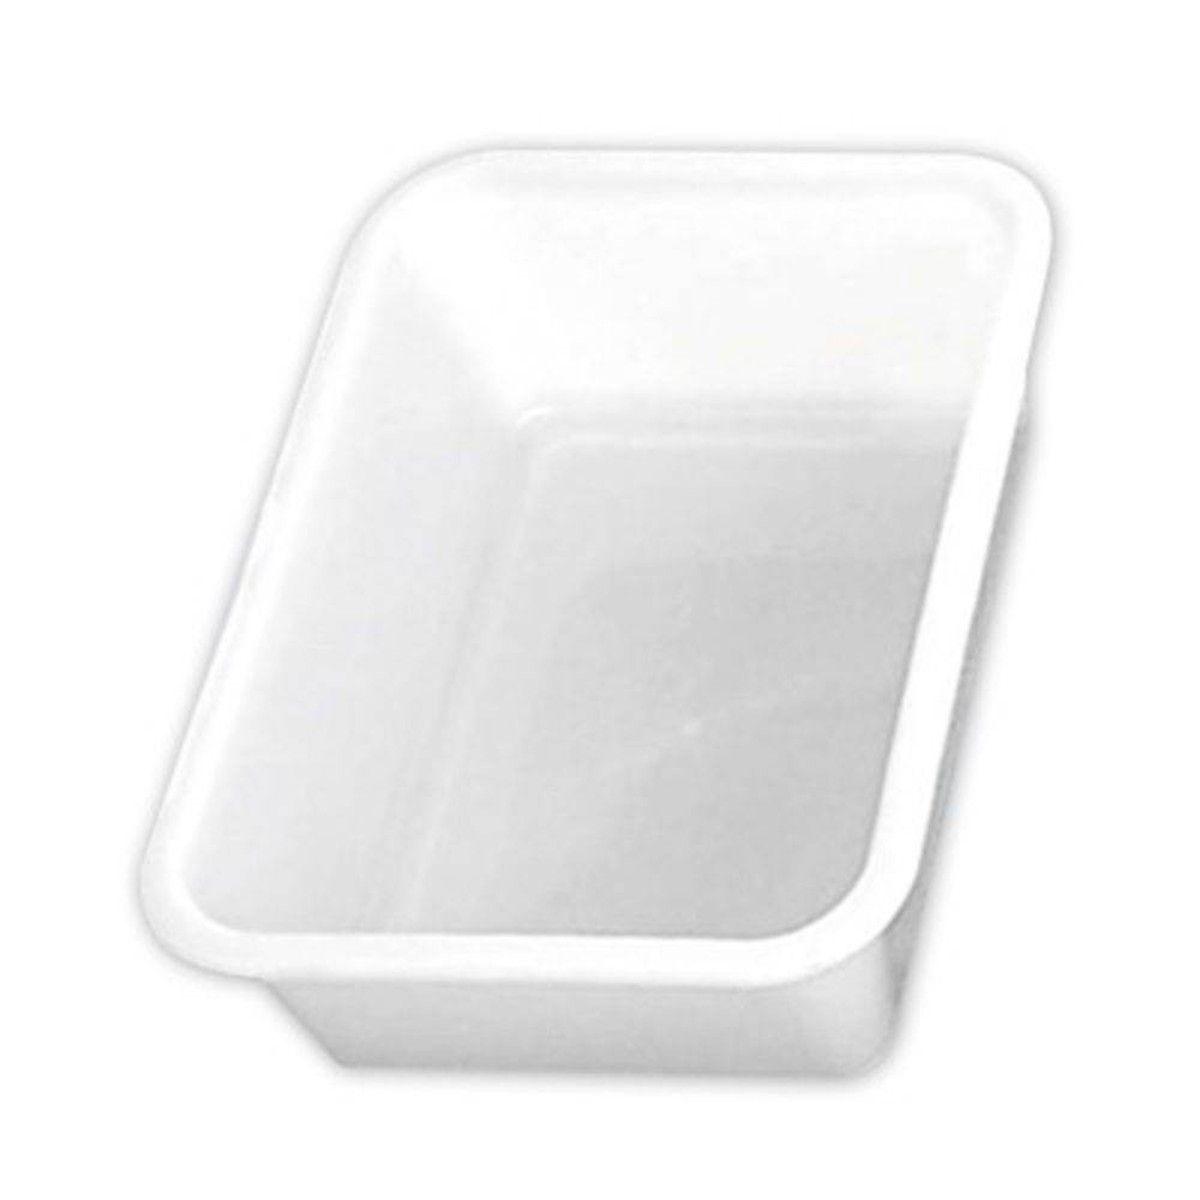 Bandeja Plástica Della Plast 5 Litros BJ01